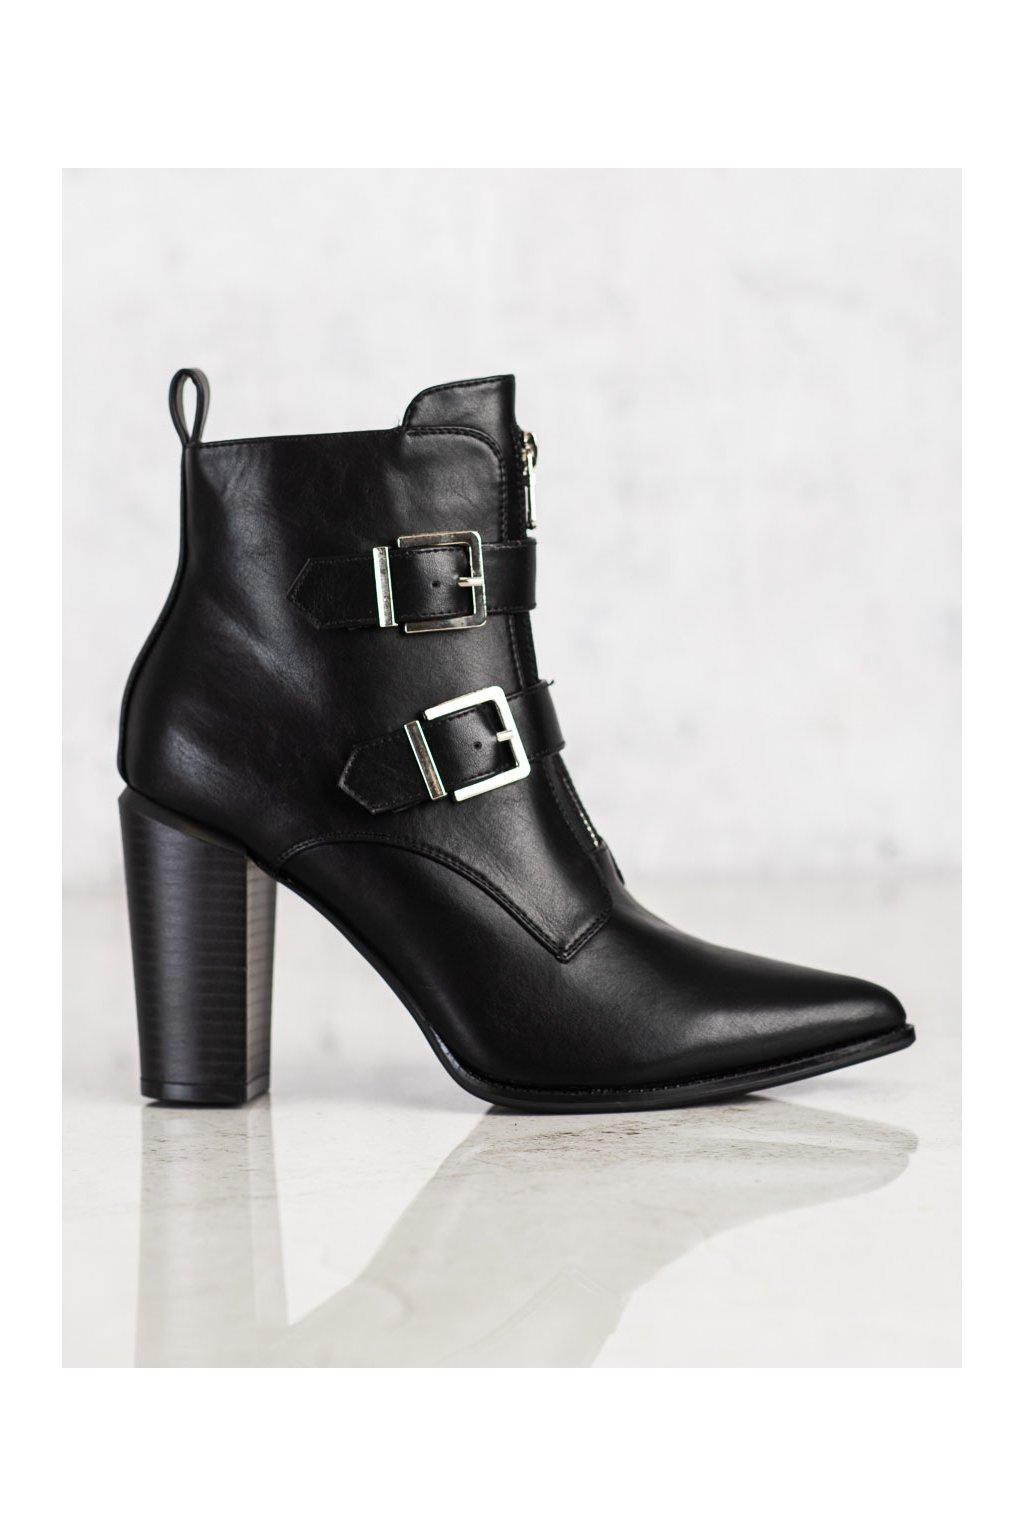 Čierne dámske topánky Vinceza kod HX22-16282B